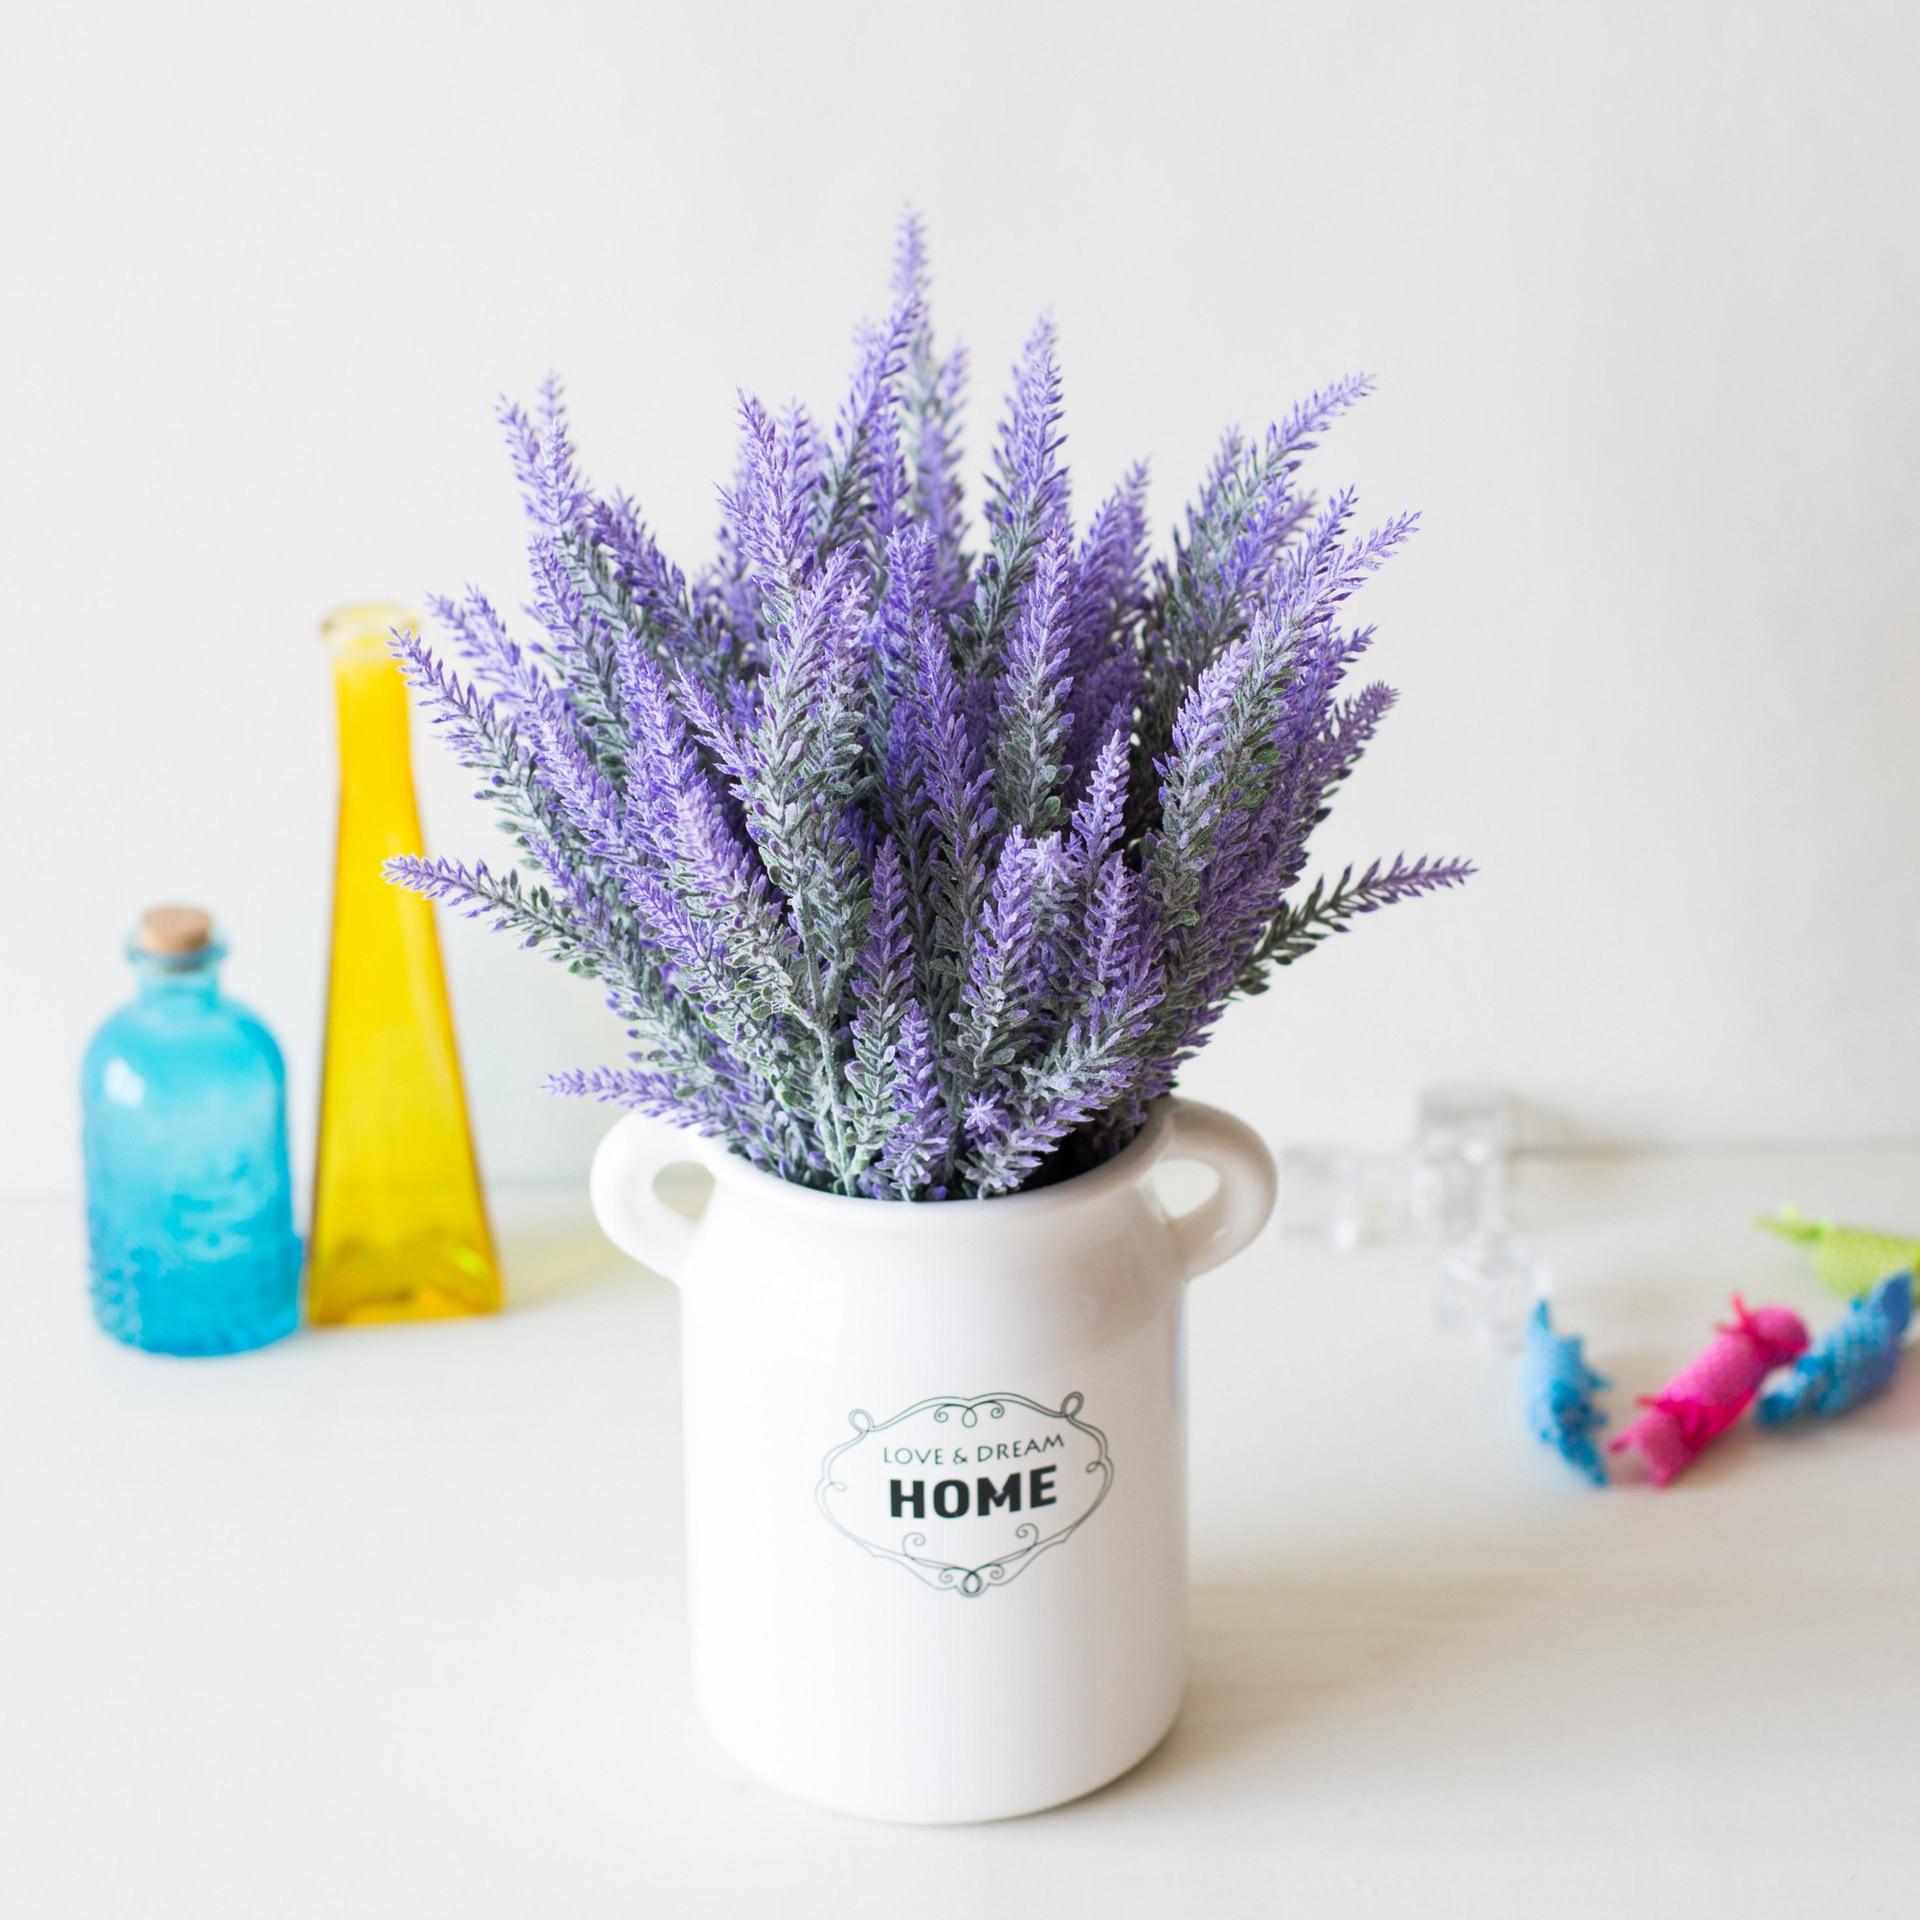 1 Bundle Romantic Provence Avender Wedding Decorative Flower Vase For Home Decor Artificial Flowers Grain Decorative Fake Plants